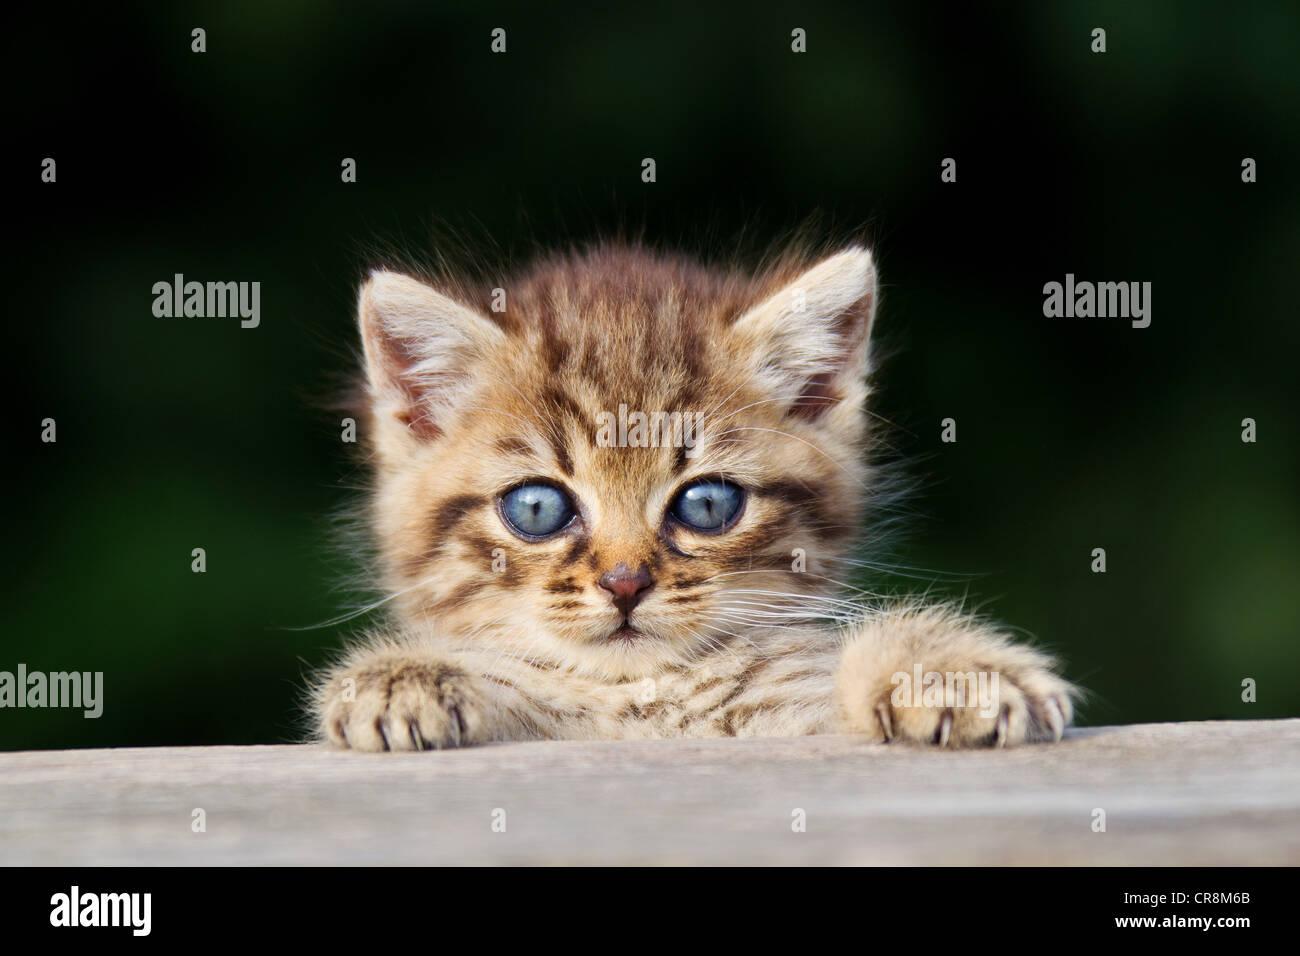 Kitten peeking over fence Stock Photo